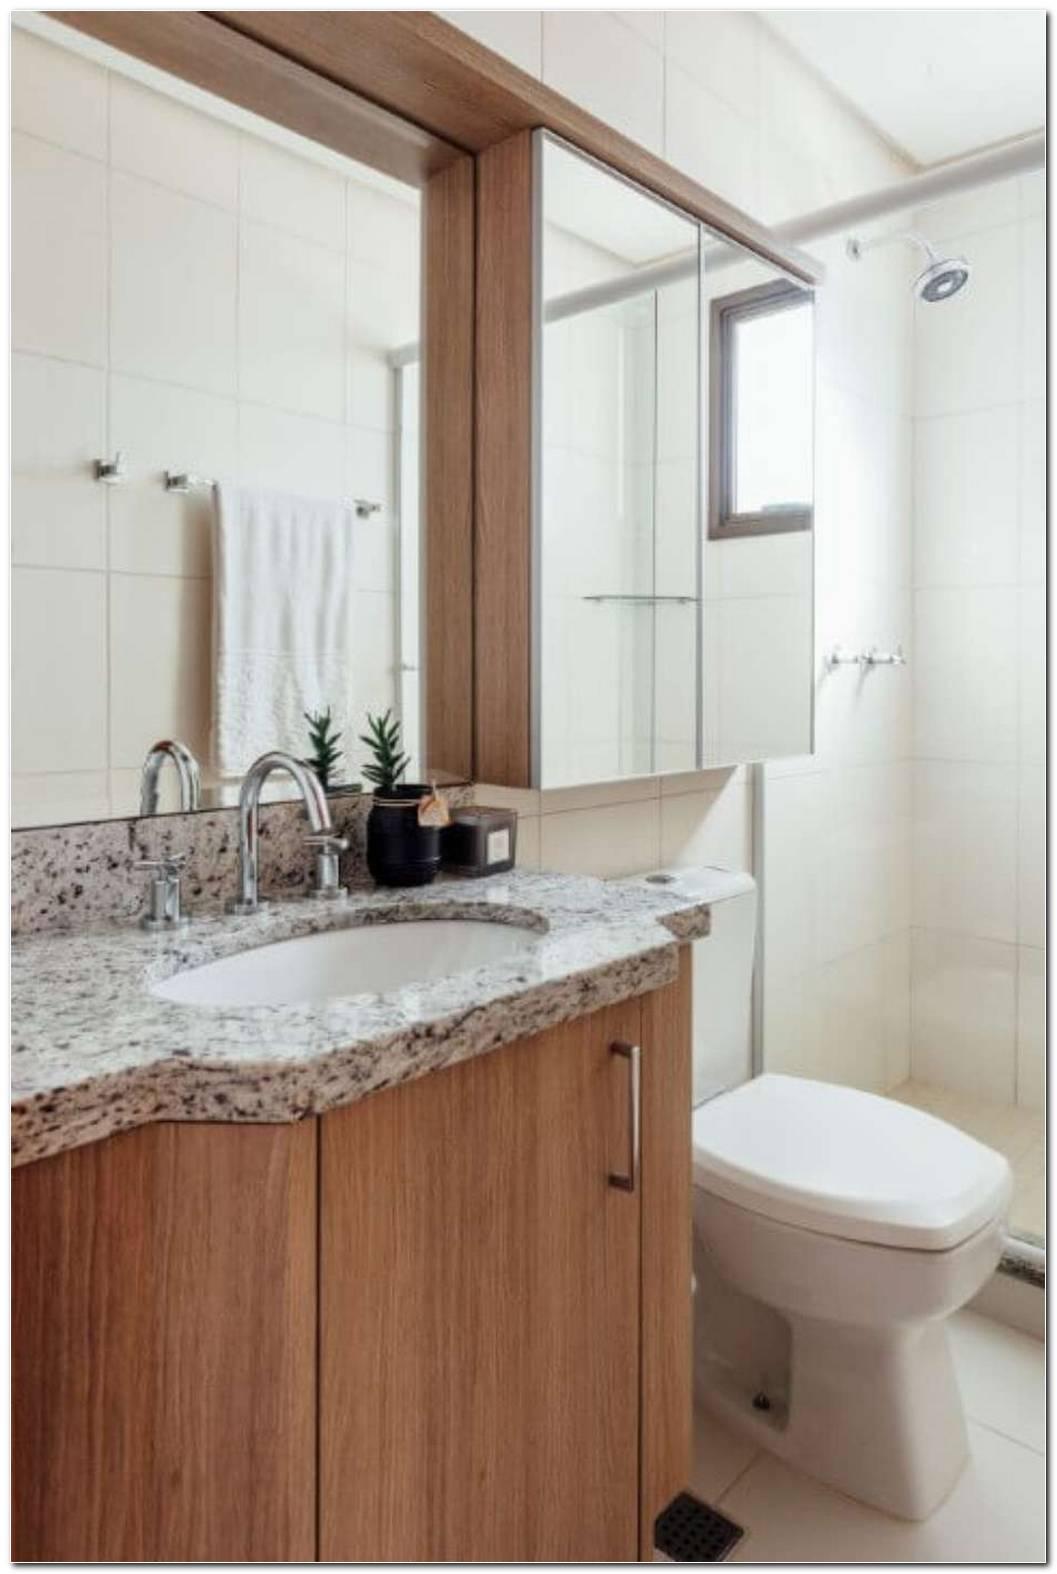 Moldura Para Espelho 55 Modelos Belíssimos & Como Fazer Fácil